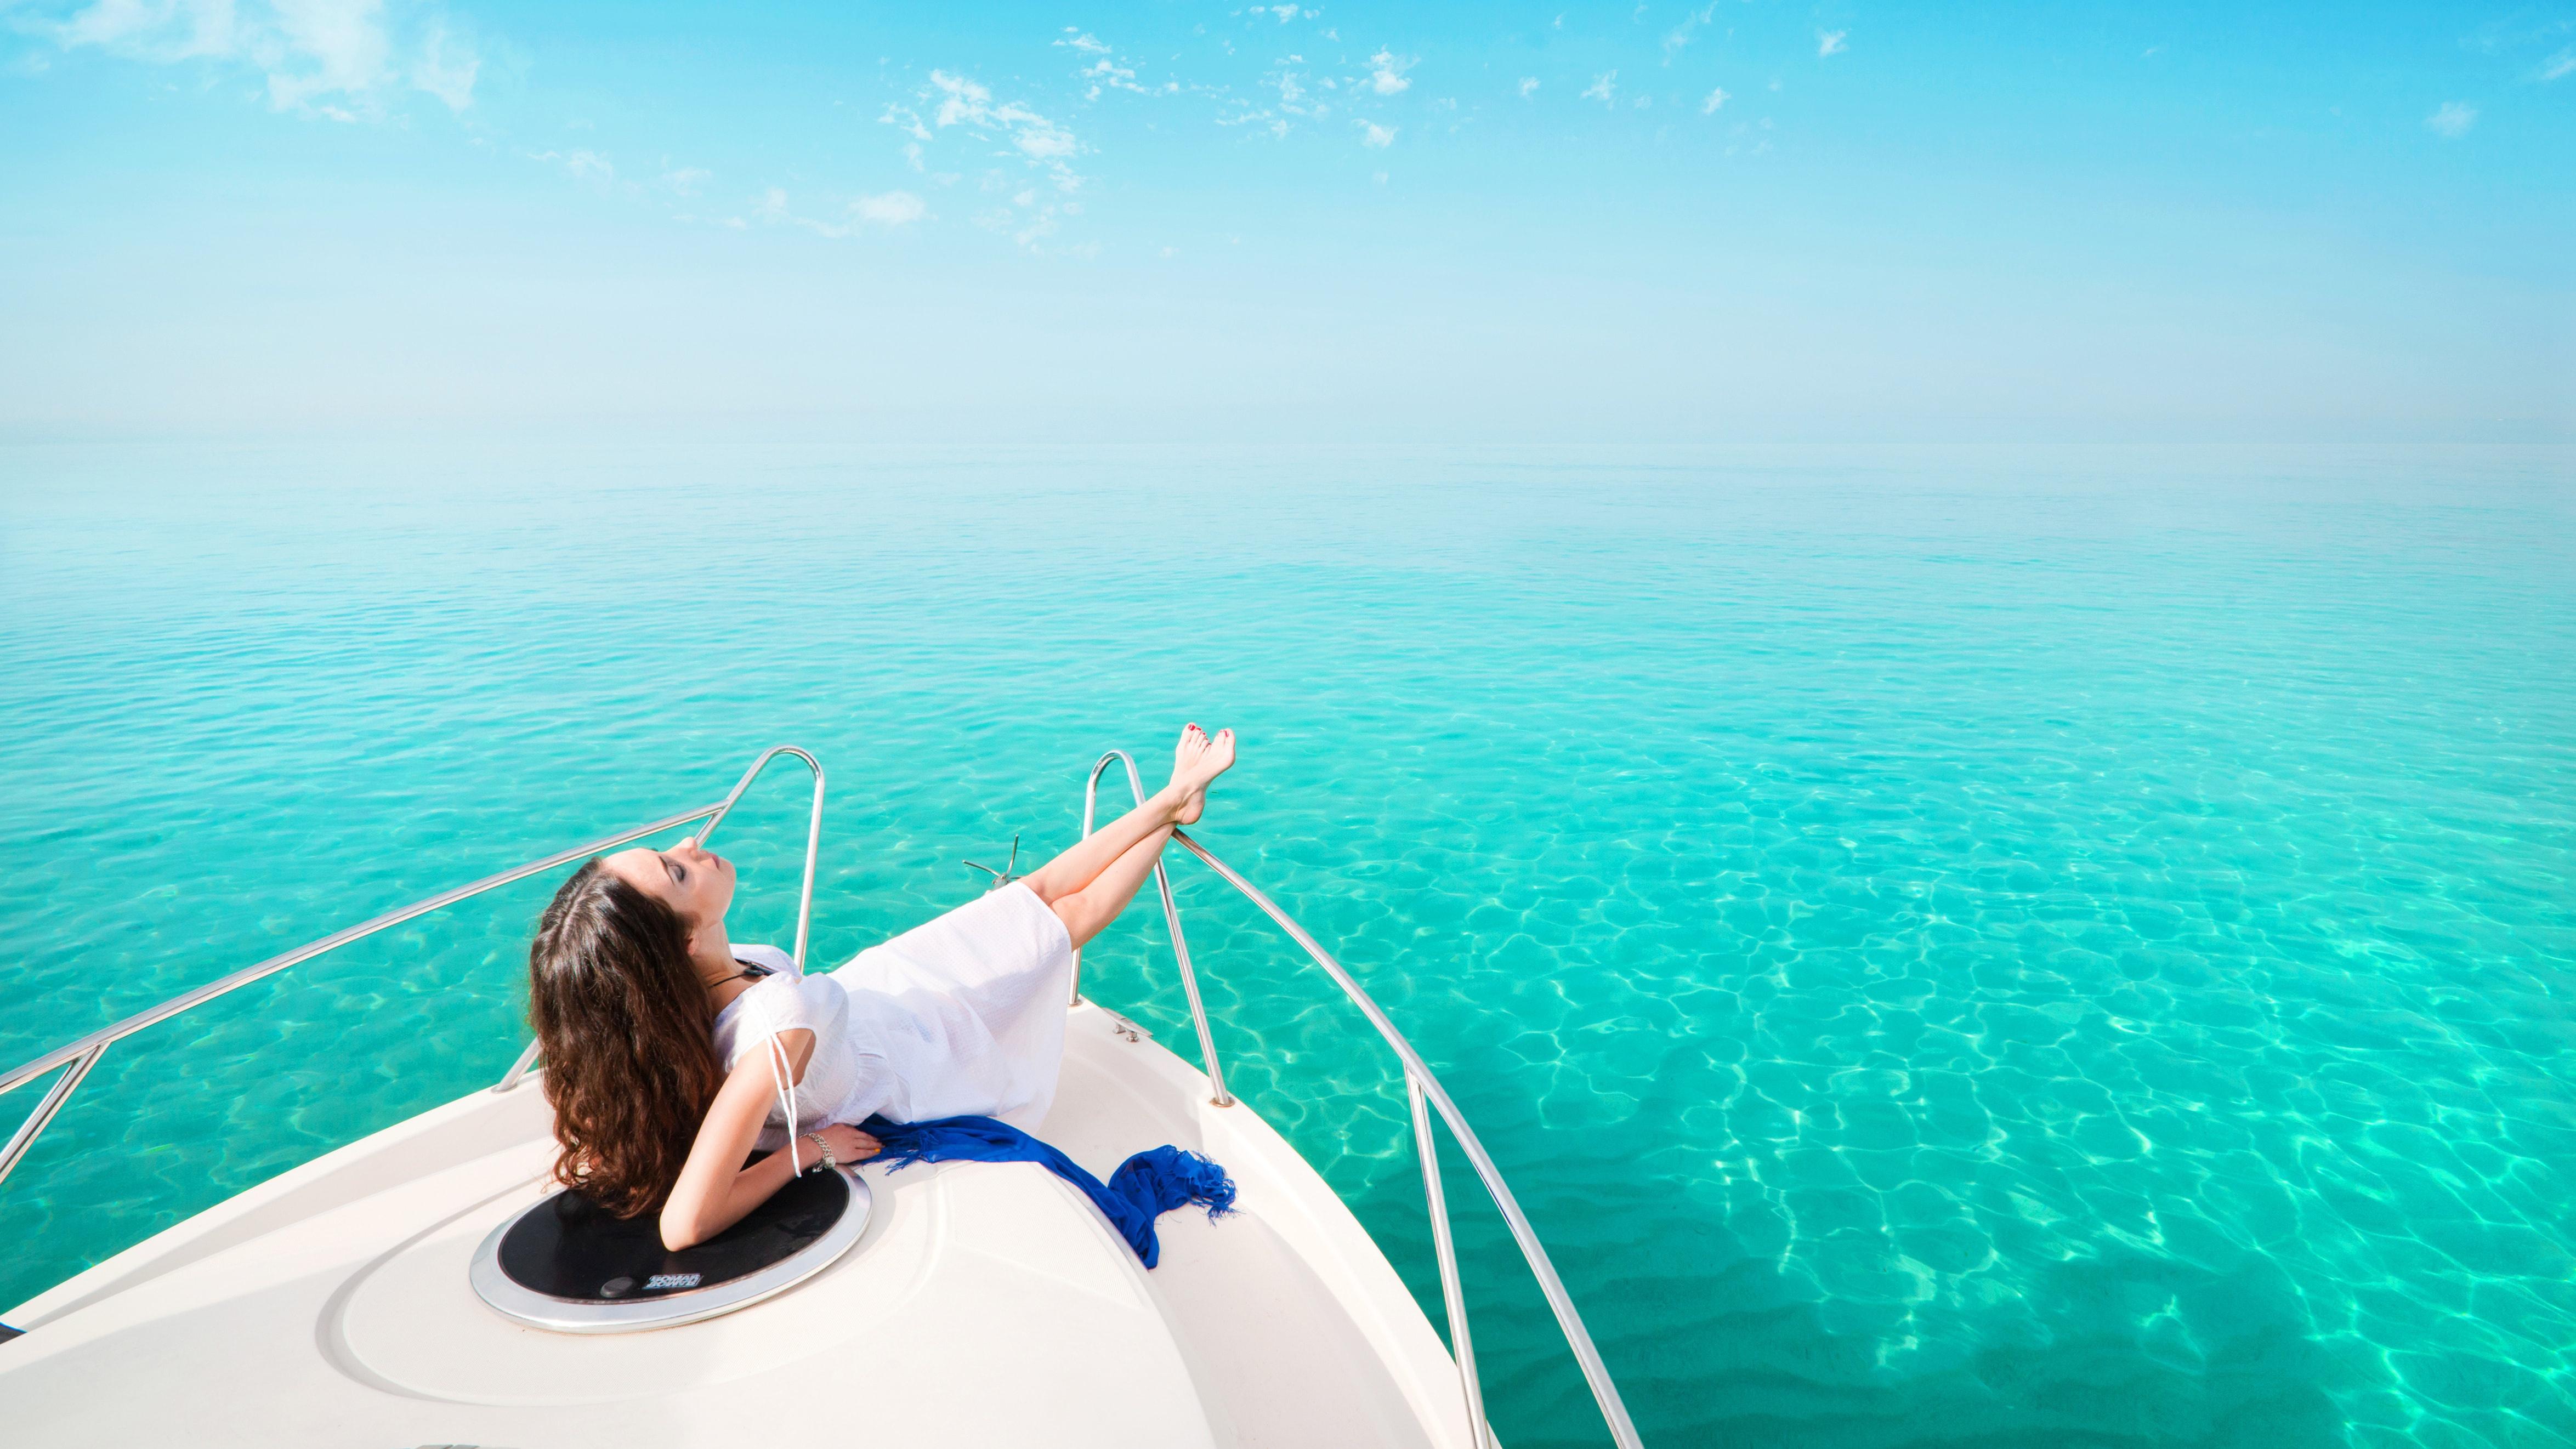 Девушка на фоне яхты фото